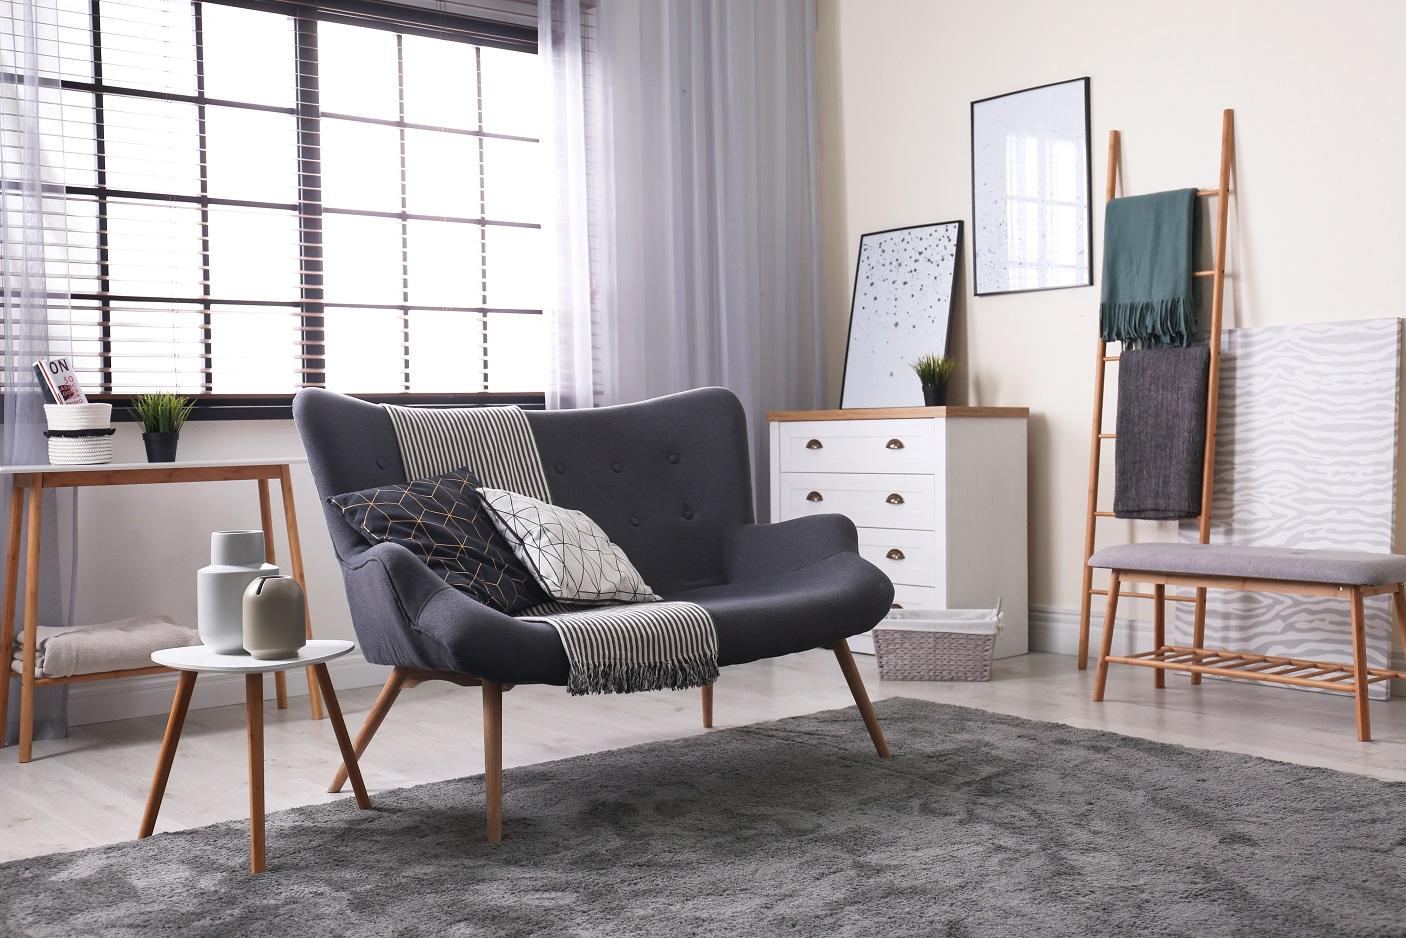 8 Canapés Pour Des Petits Espaces - Salon Viving encequiconcerne Canape Deux Angles